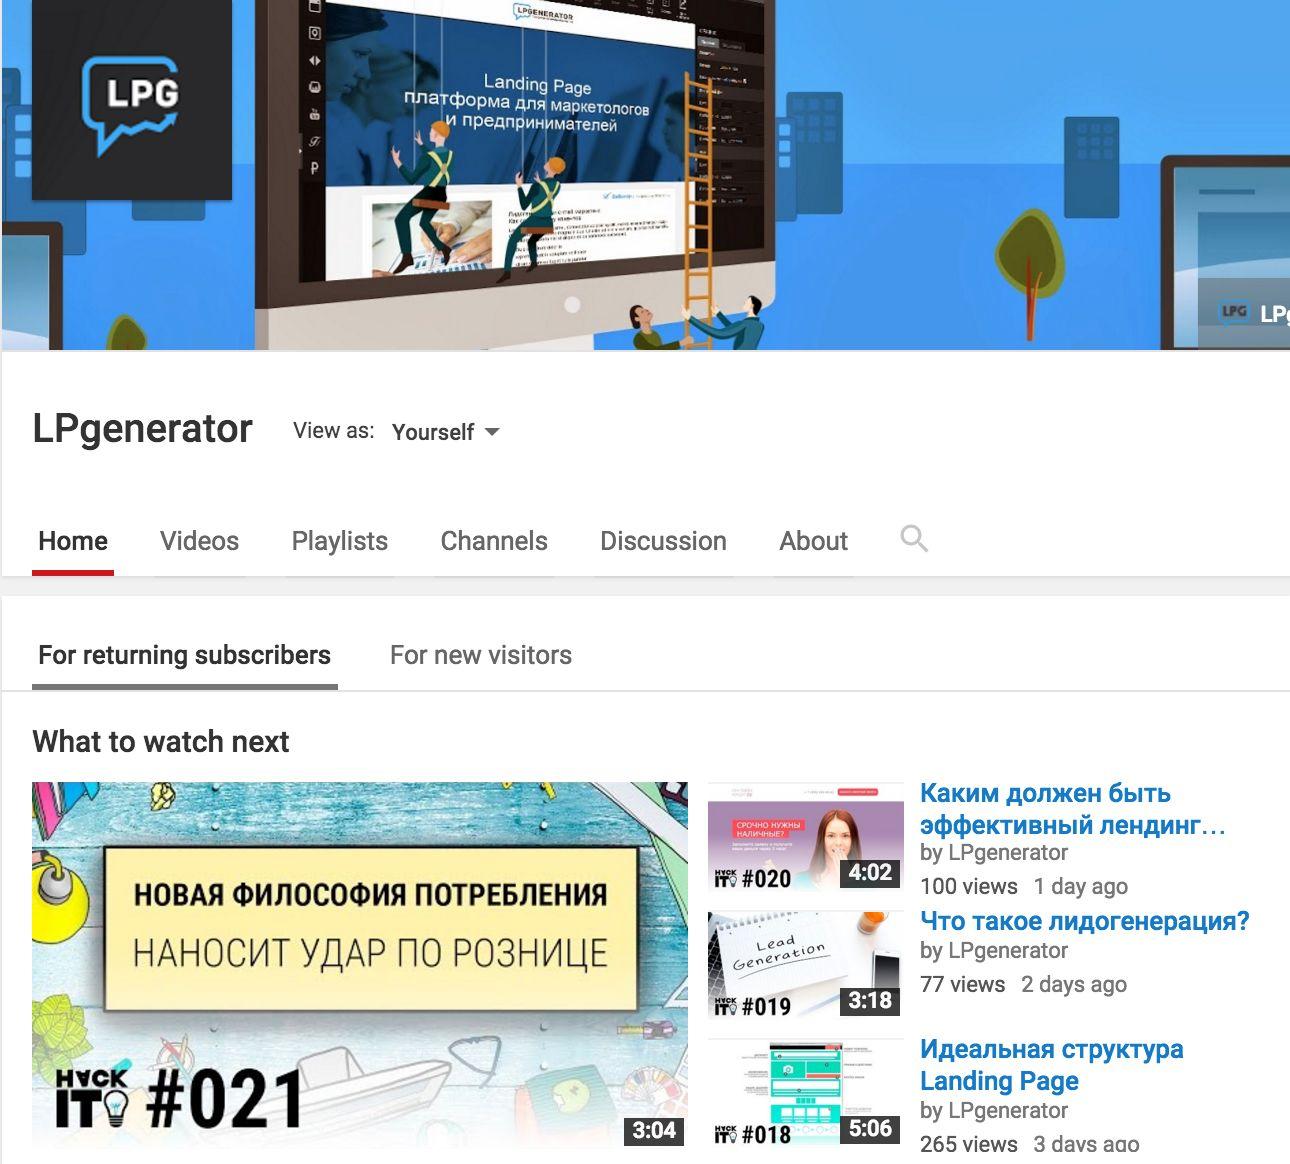 Добро пожаловать в видеоблог lpgenerator!